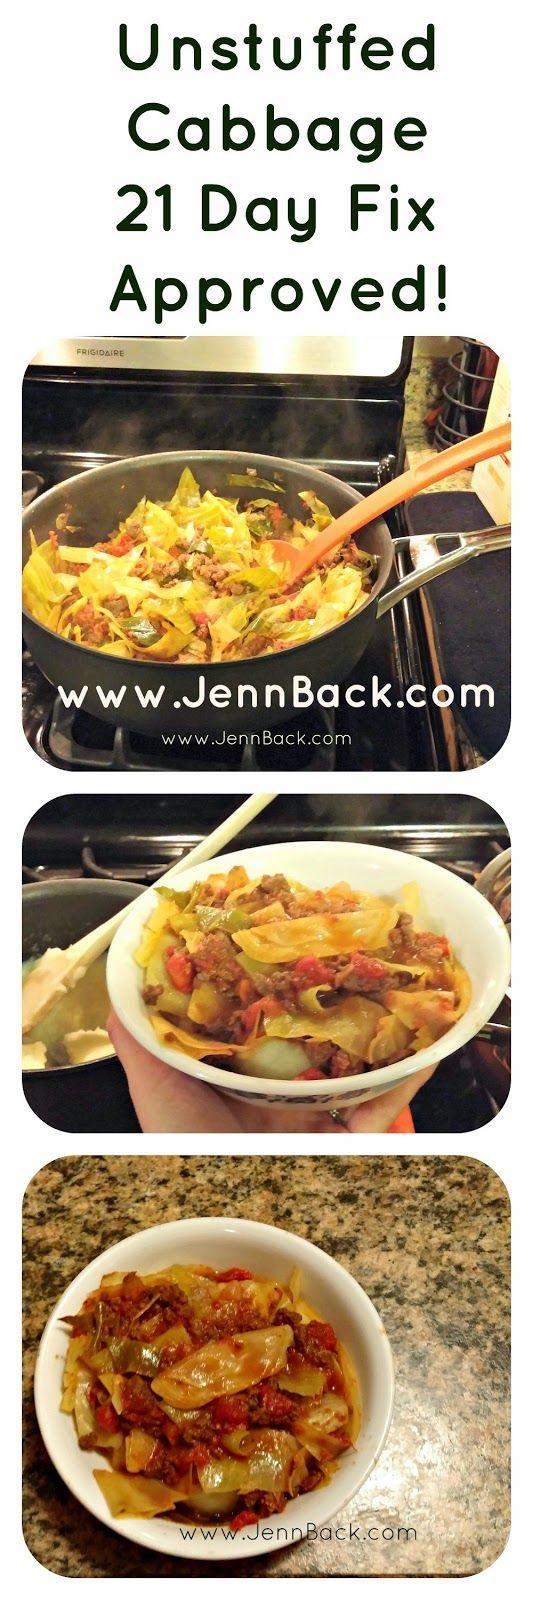 Begin Again: Dream it, Believe it, Achieve it: 21 Day Fix Approved Unstuffed Cabbage Recipe!